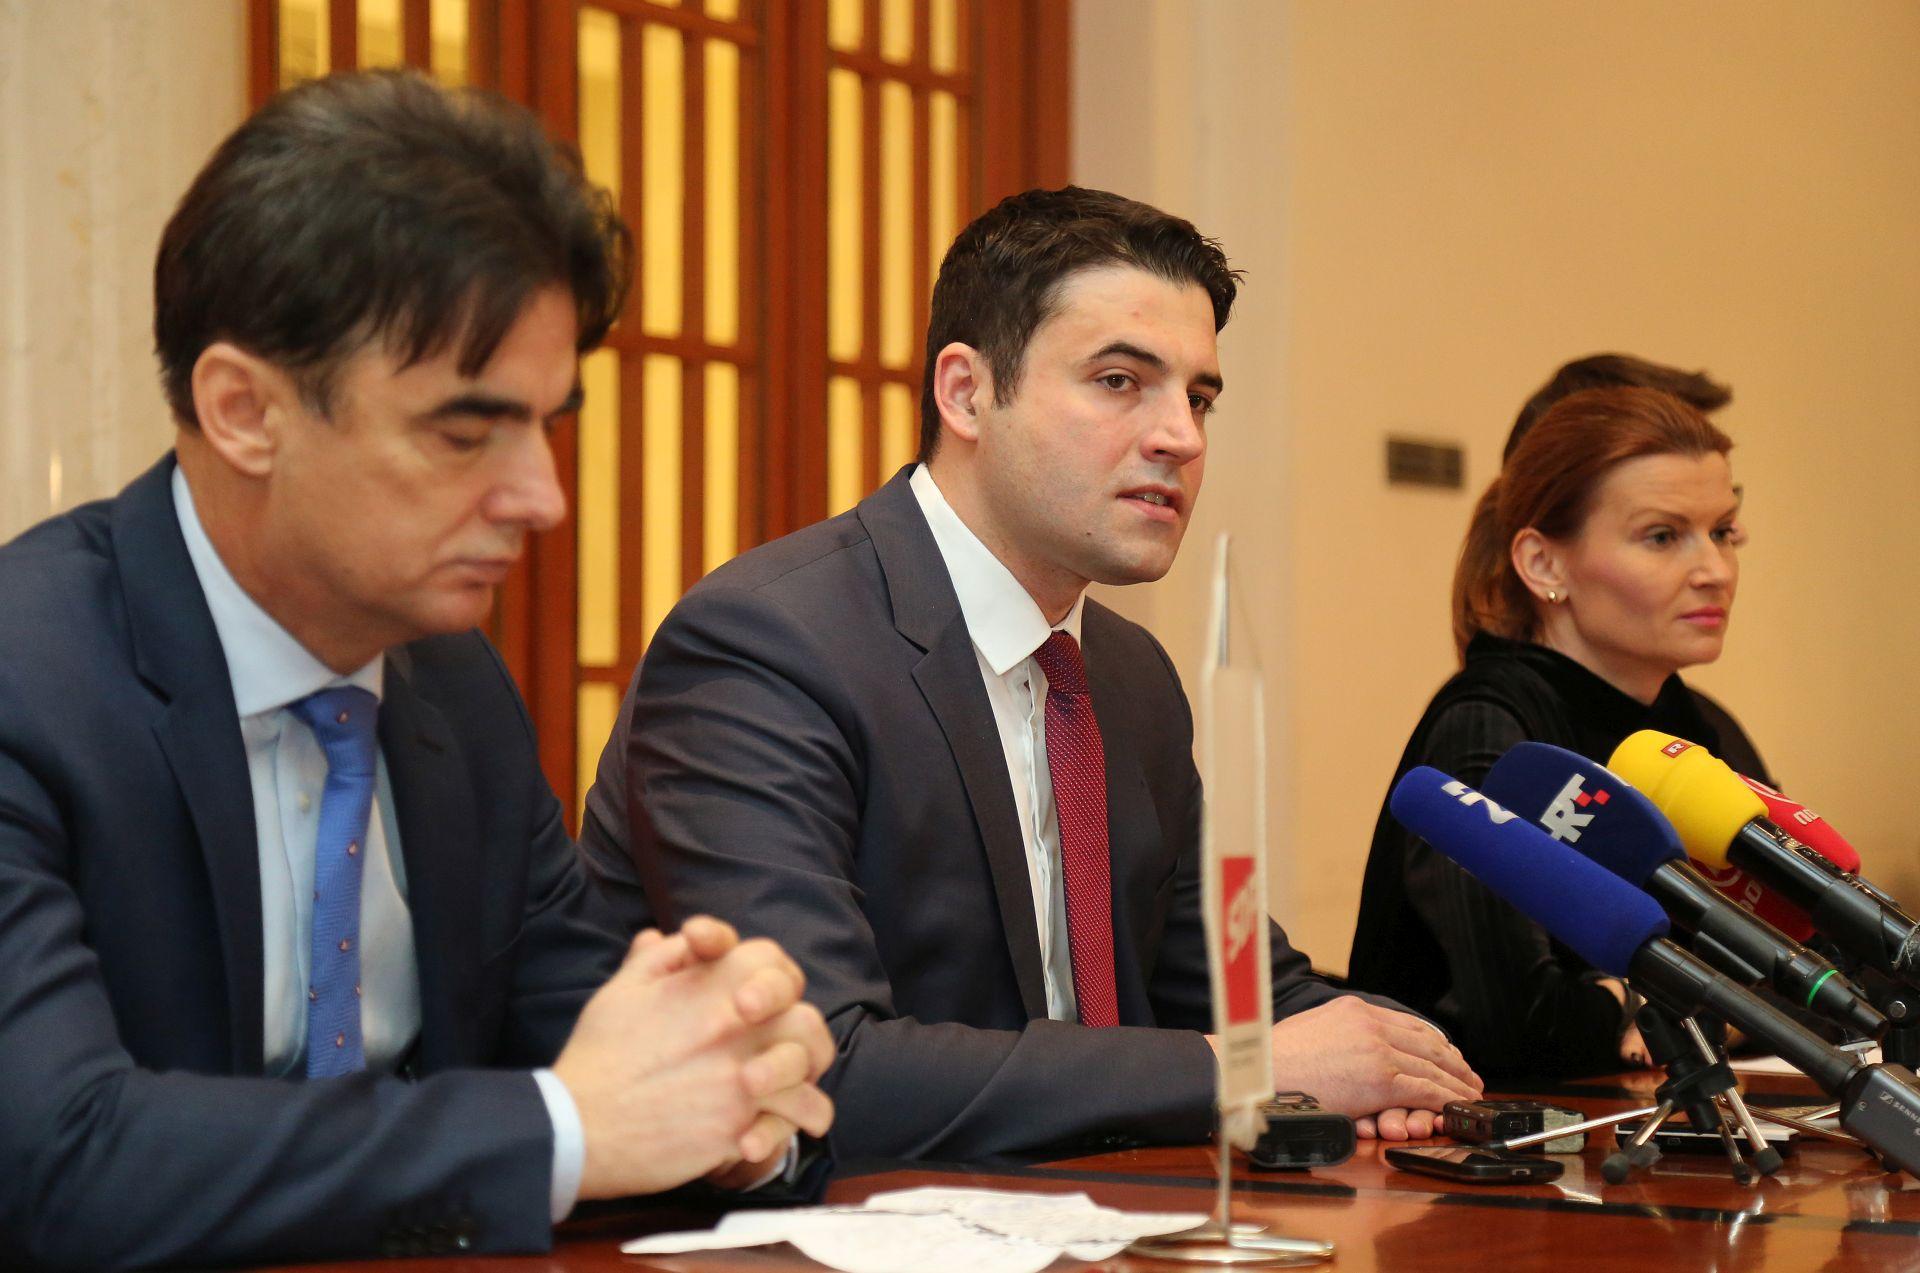 SDP: Vlada je u prvih 100 dana pokazala nesnalaženje, nerad i nevjerodostojnost